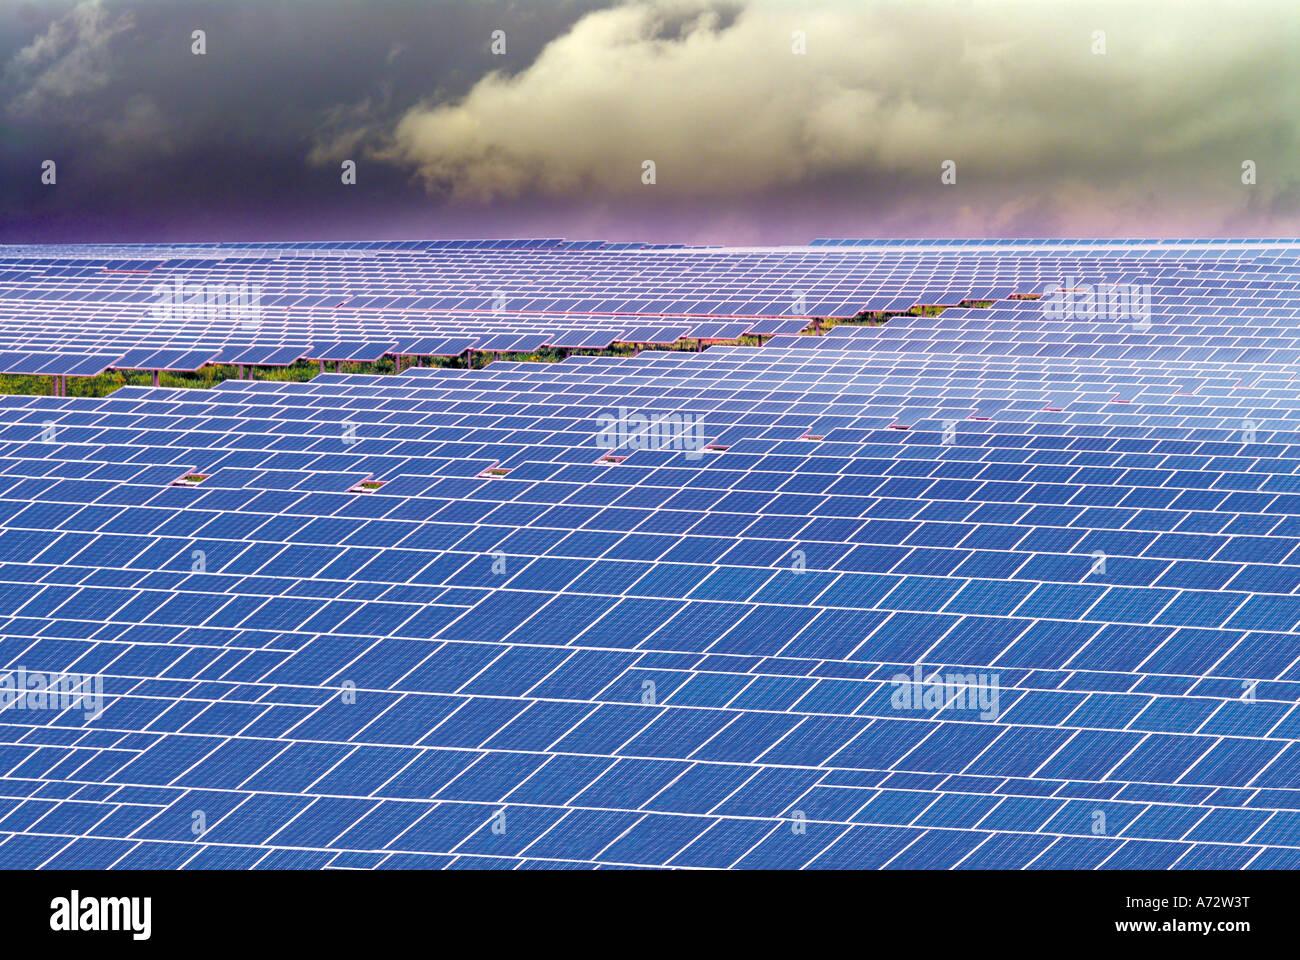 Le celle solari rivolta al sole presso il più grande Parco Solare di Europa, Brinches, Serpa, Alentejo, Portogallo Immagini Stock